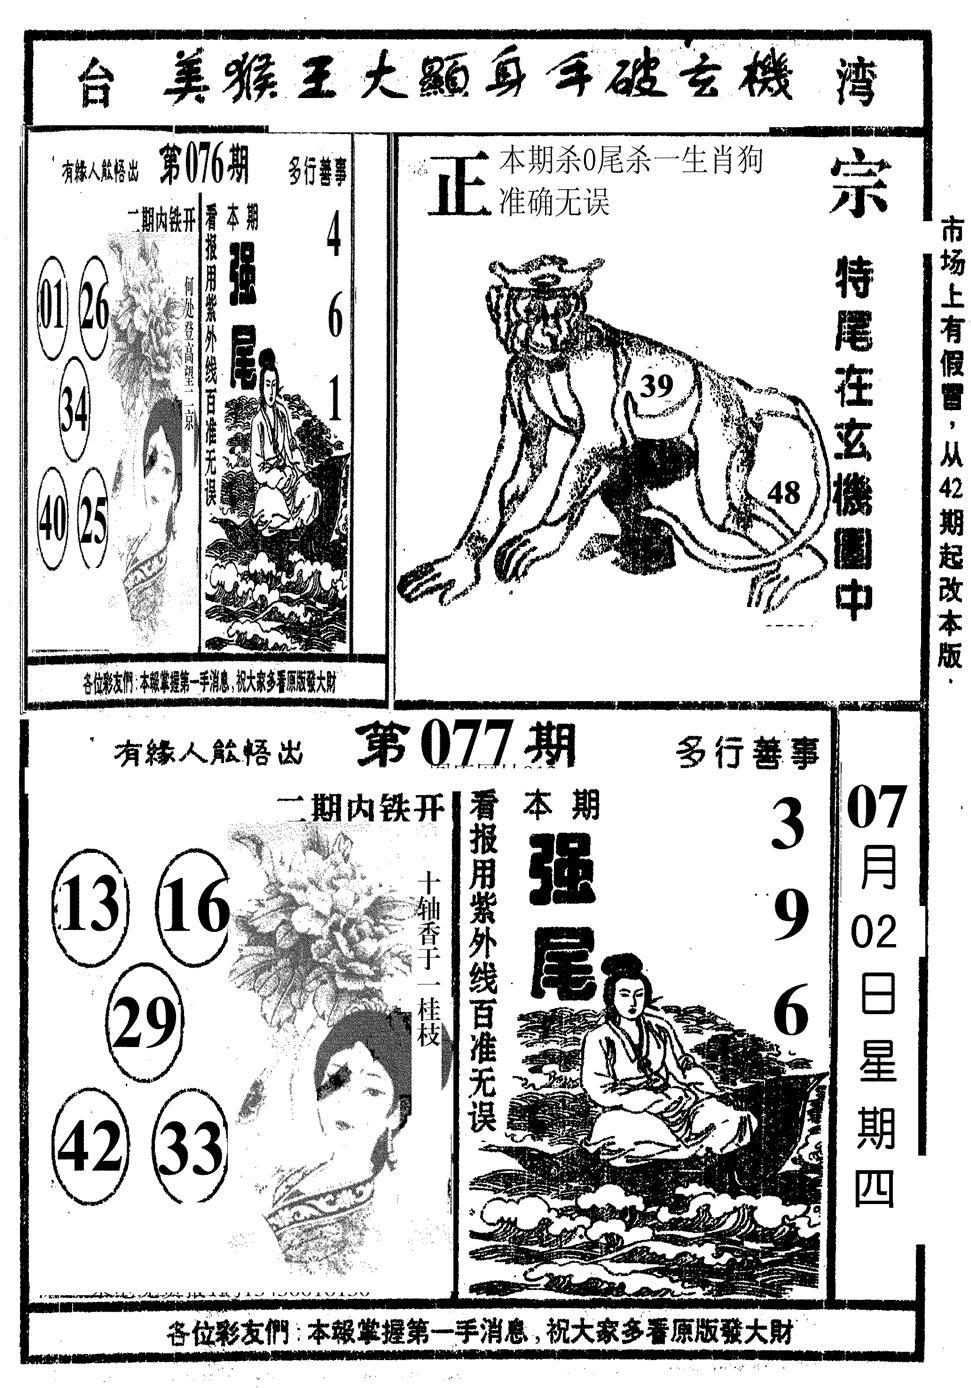 077期猪哥段特尾(黑白)